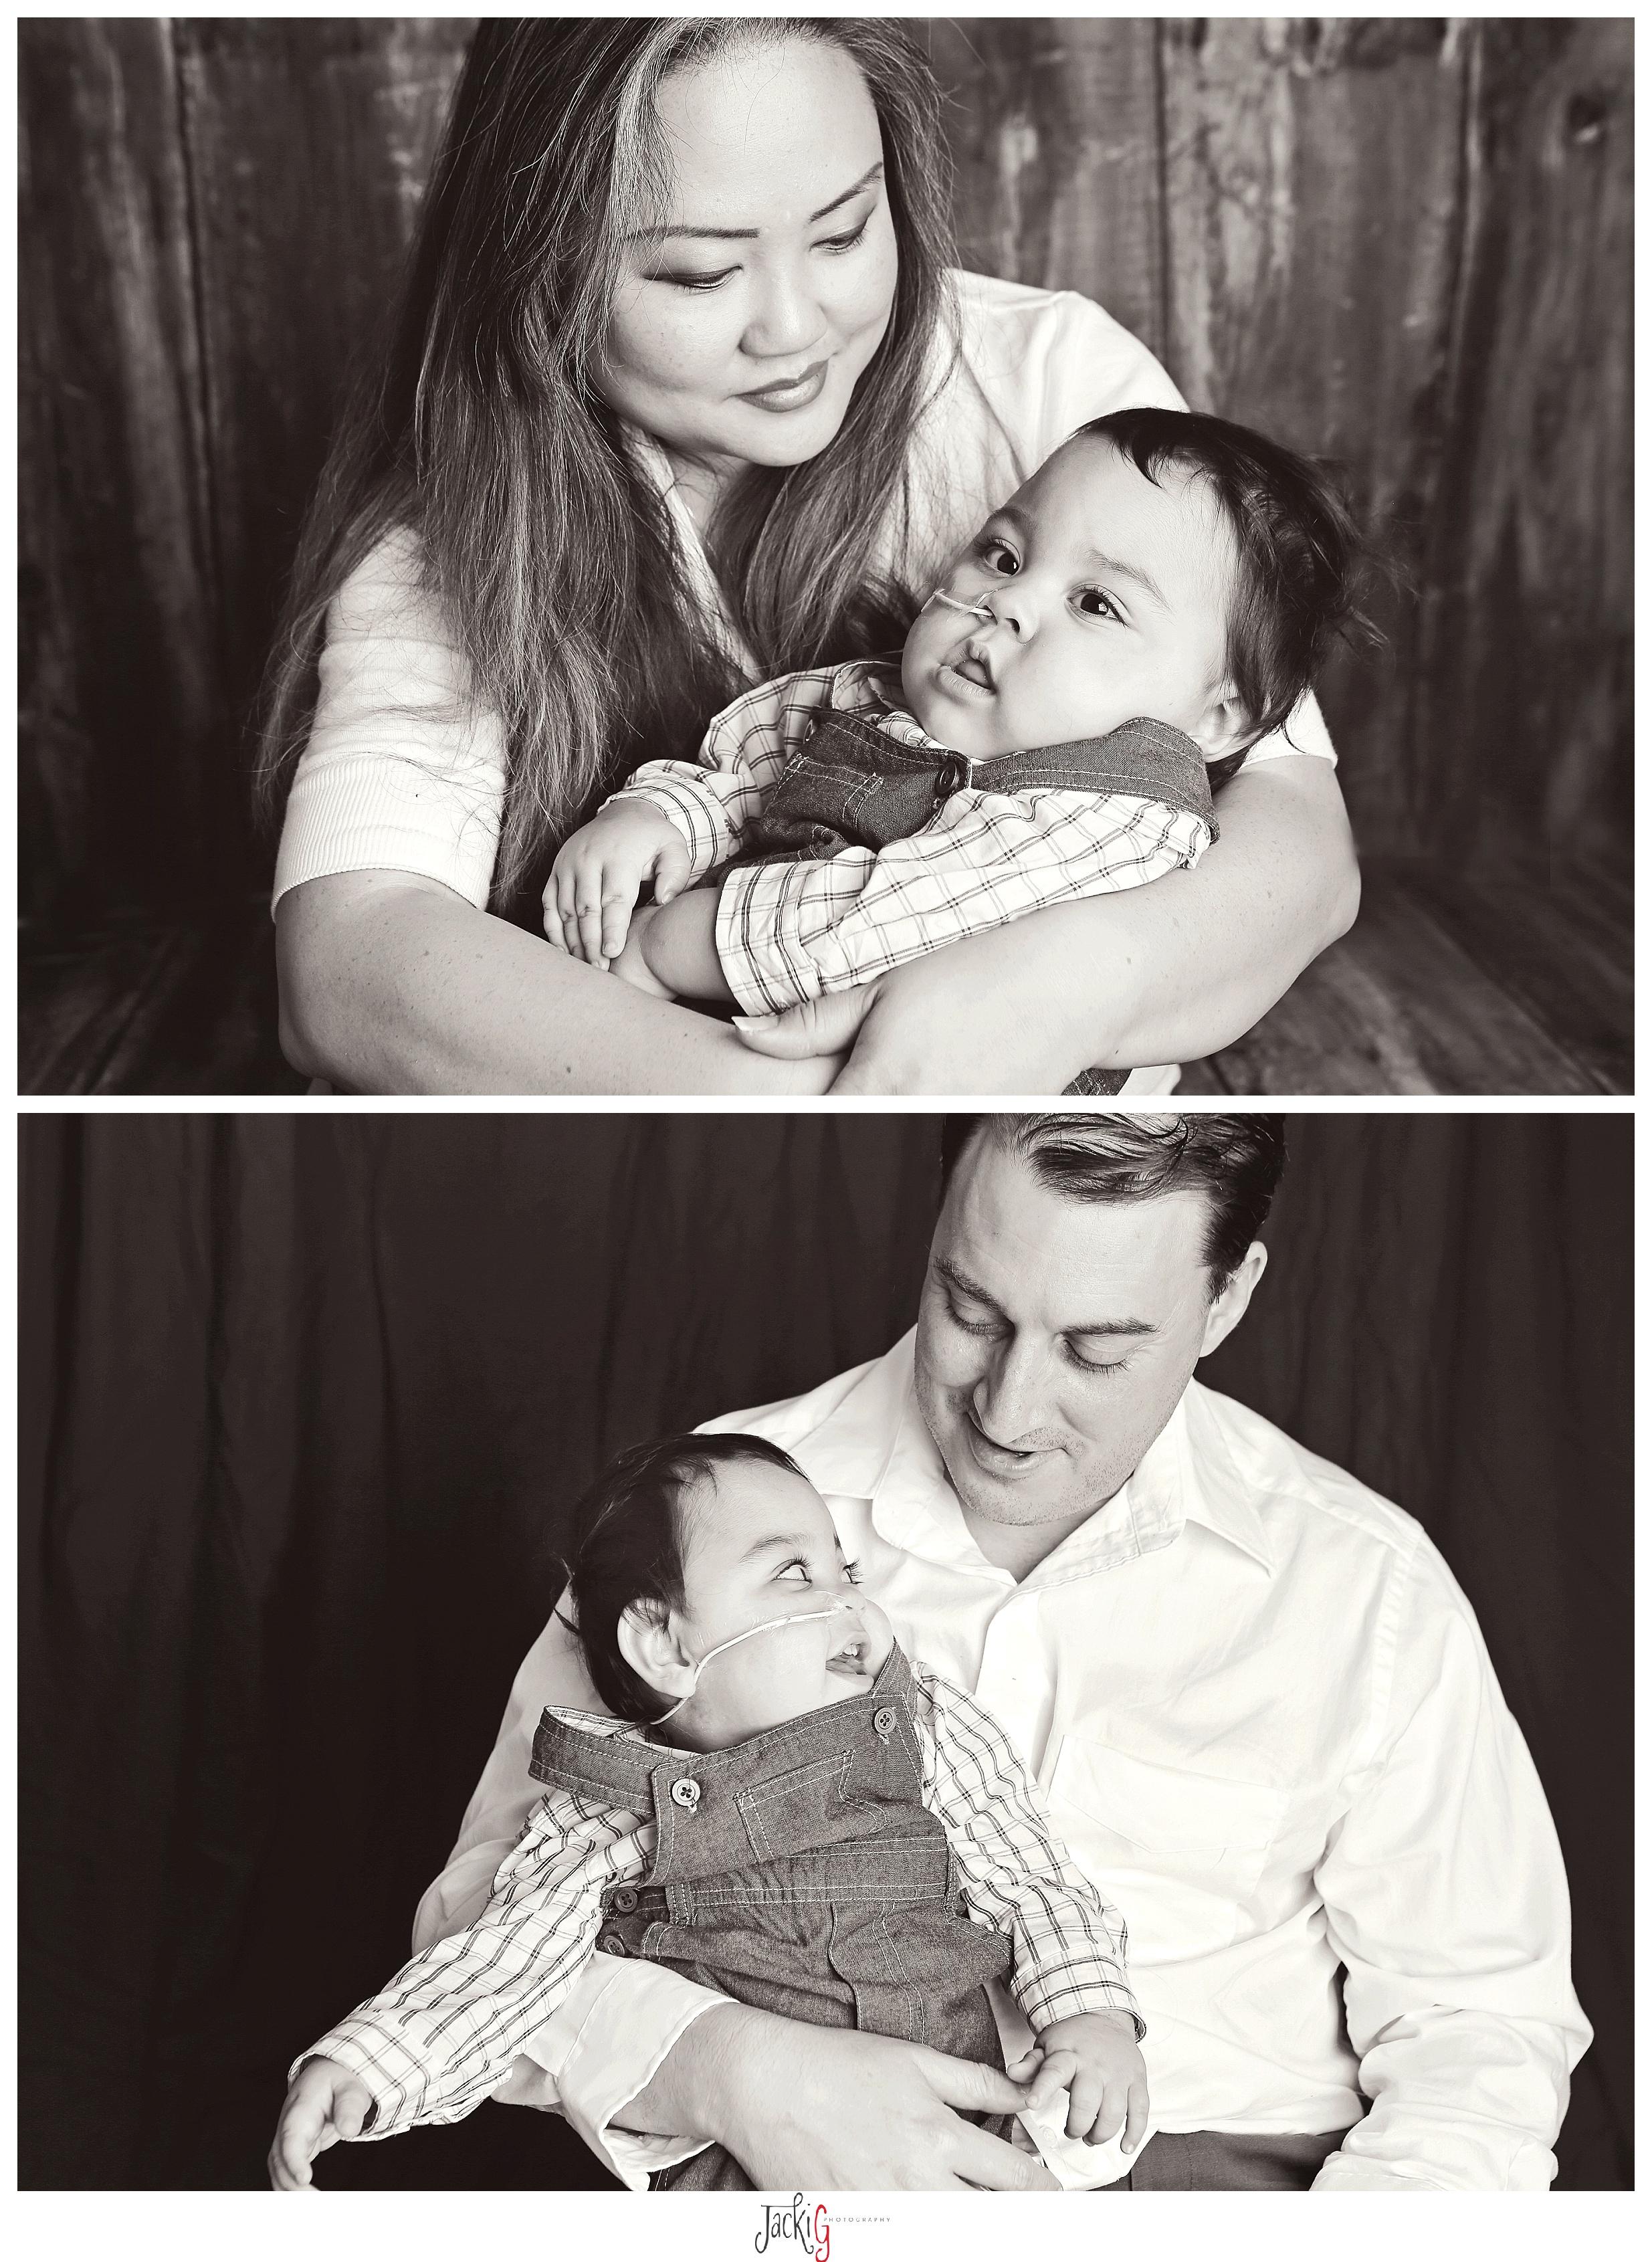 #familylove #jackigphotography